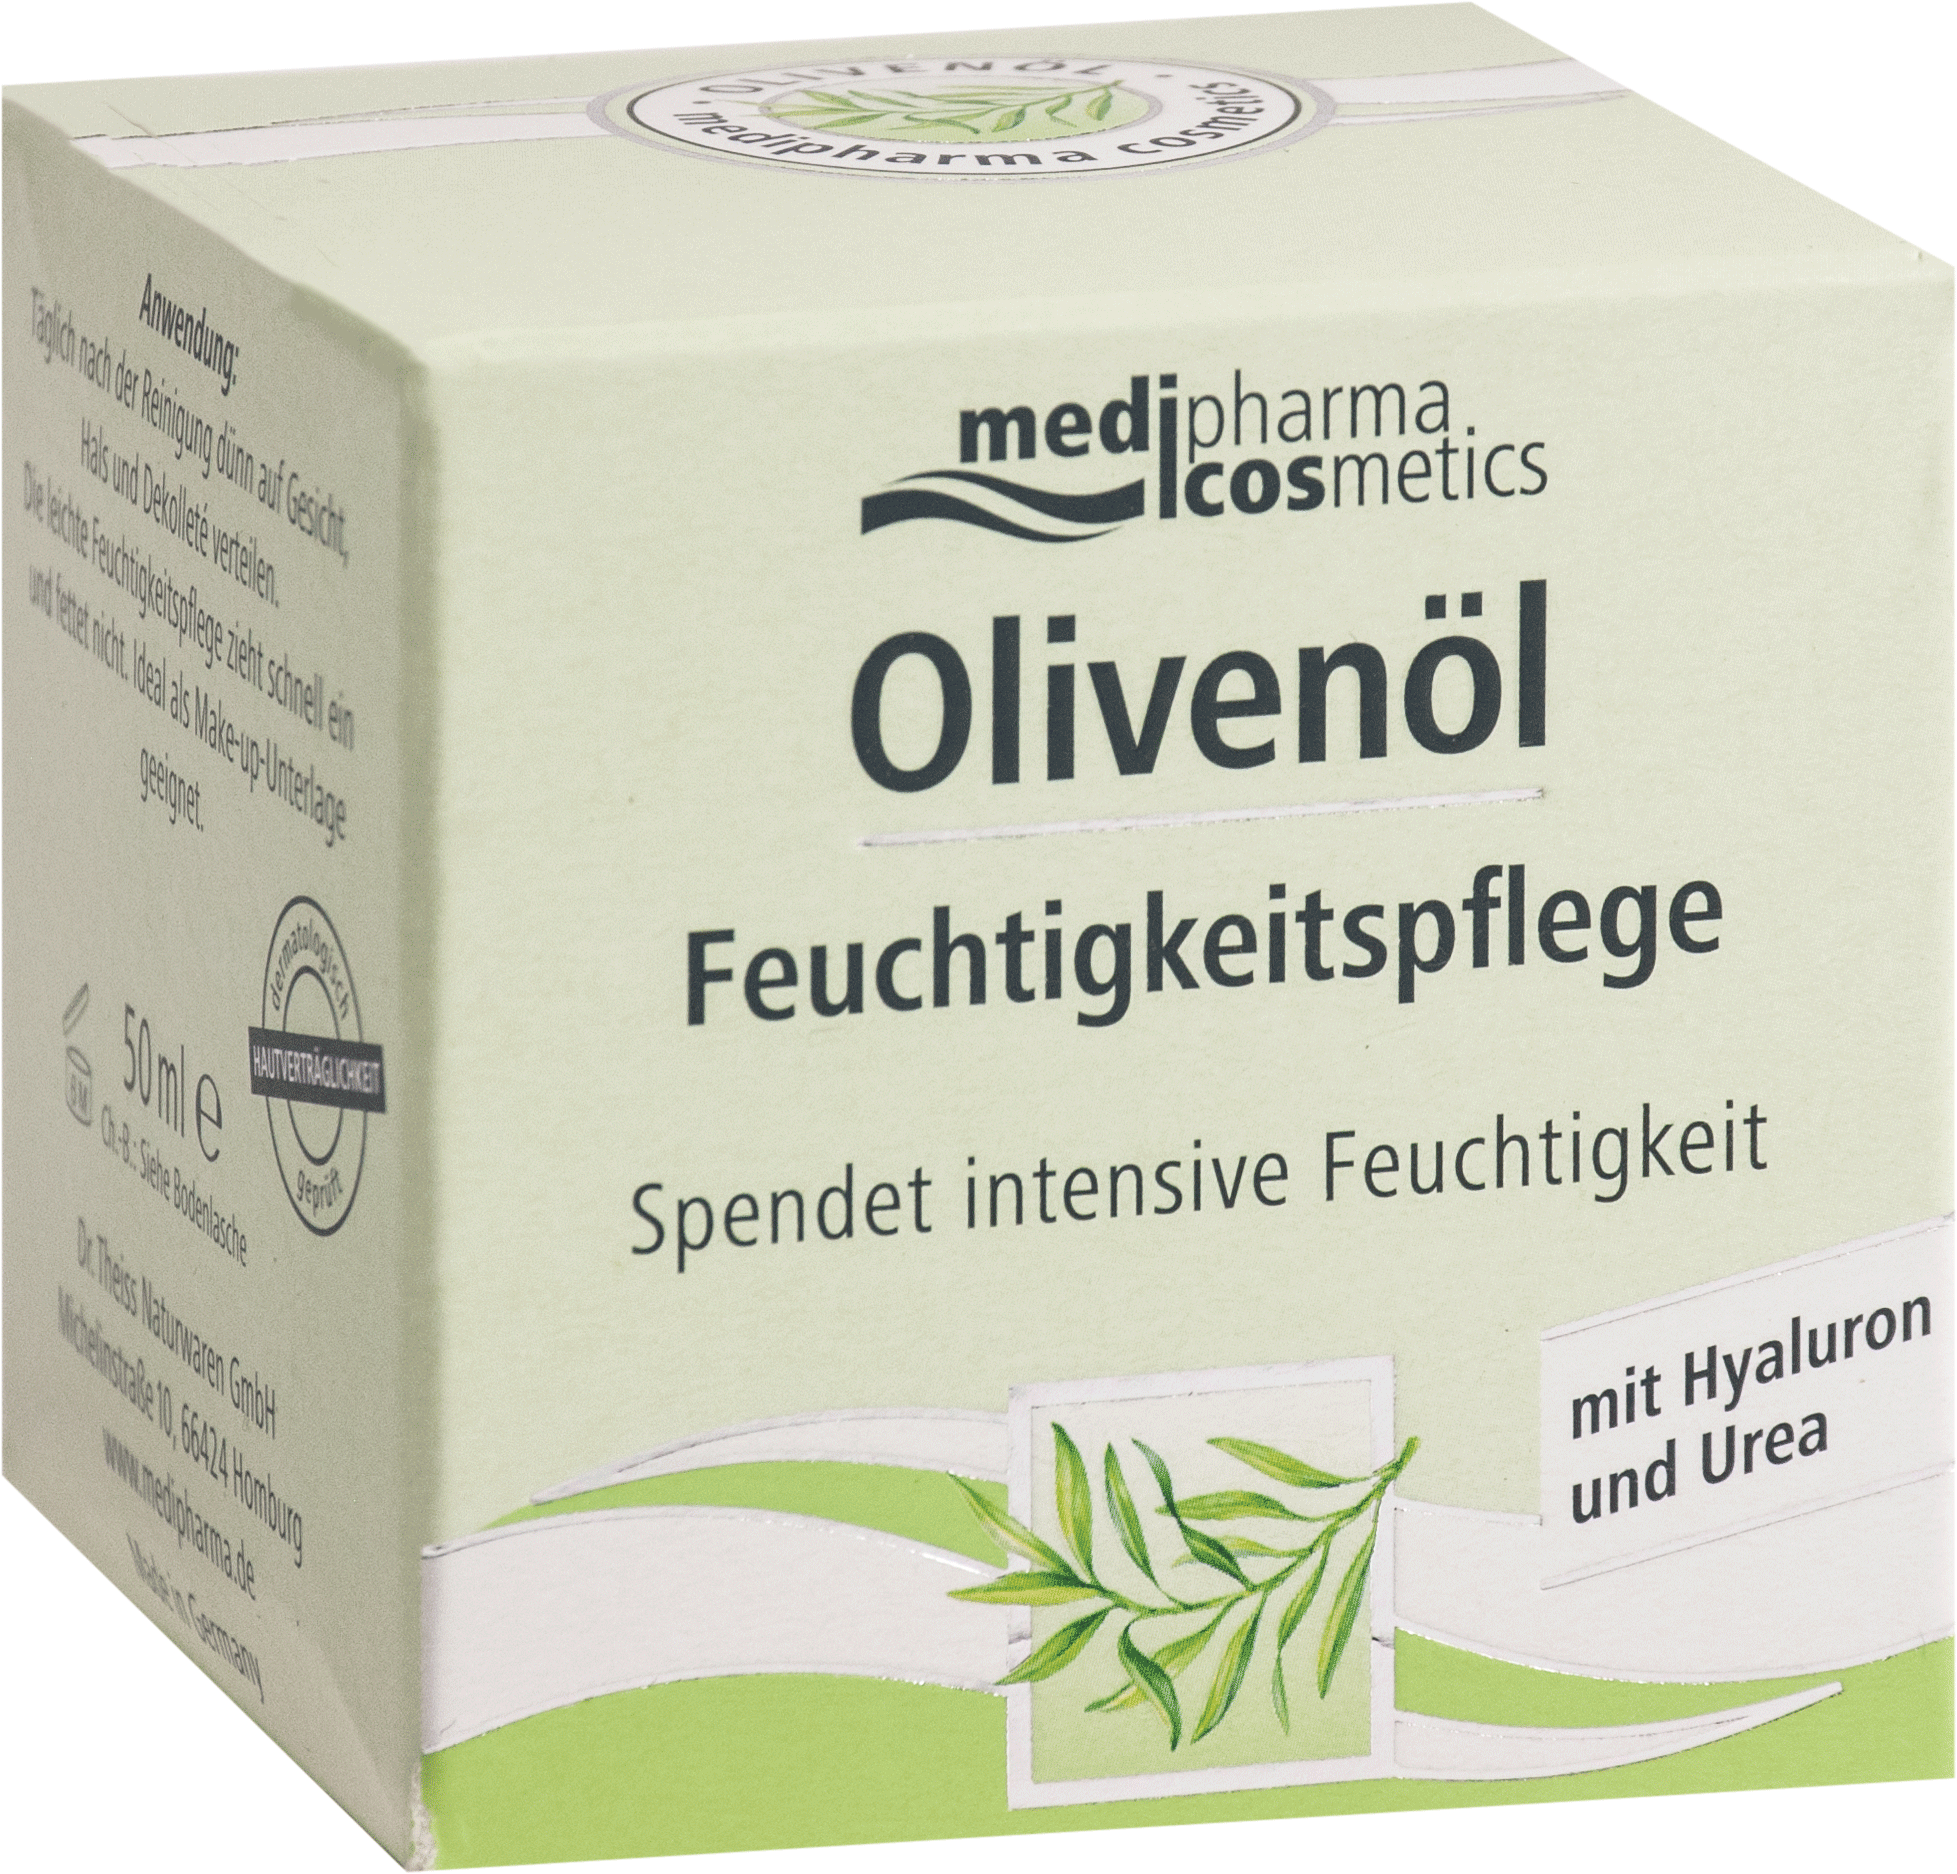 Olivenöl Feuchtigkeitspflege